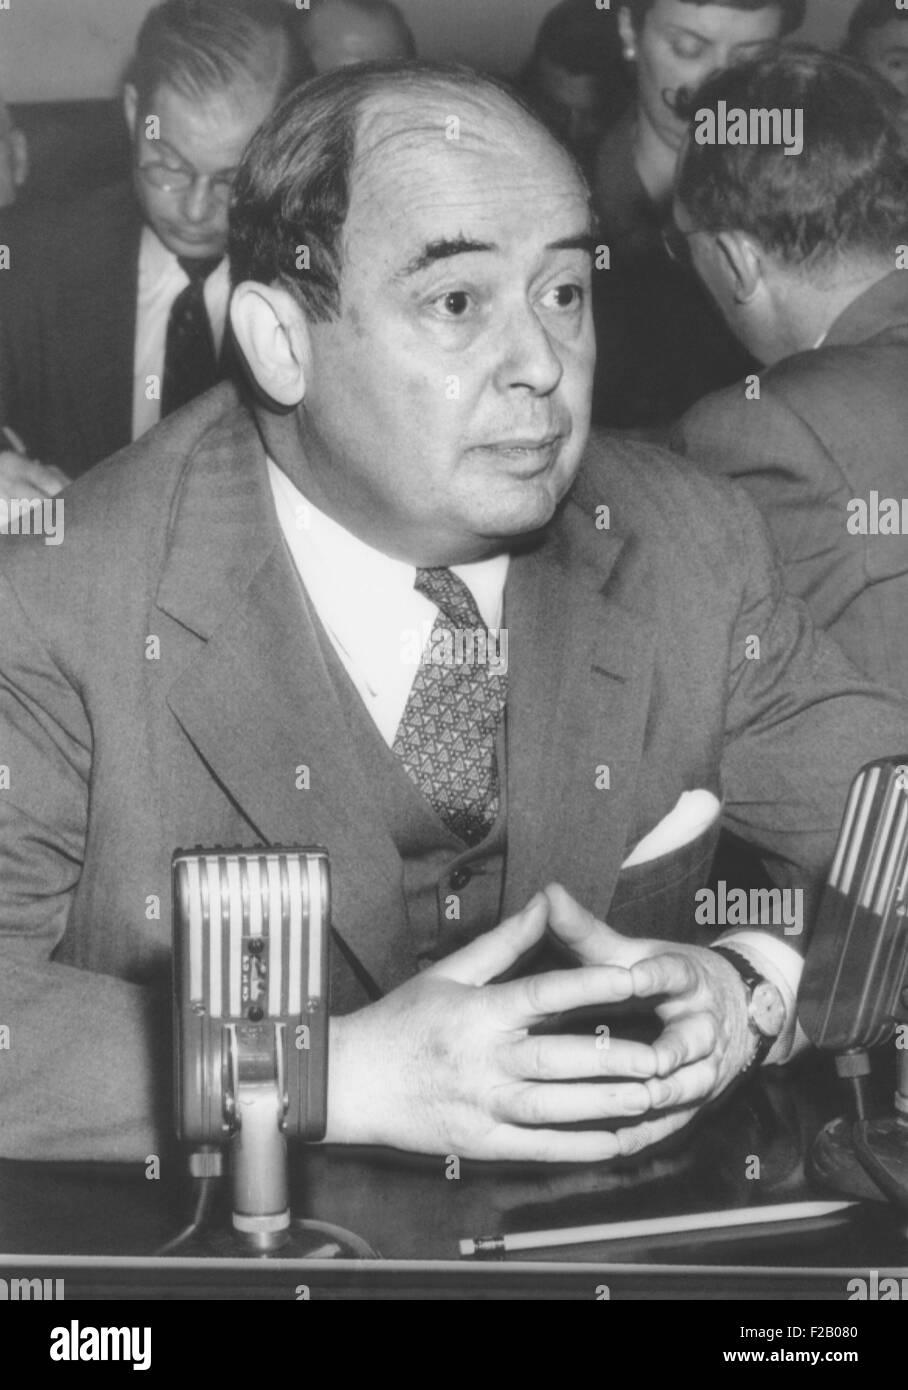 Dr. John von Neumann, eine 51-jährige Mathematiker vor Kongress Atomic Energy Ausschuss. Nach seinem Auftritt Stockbild